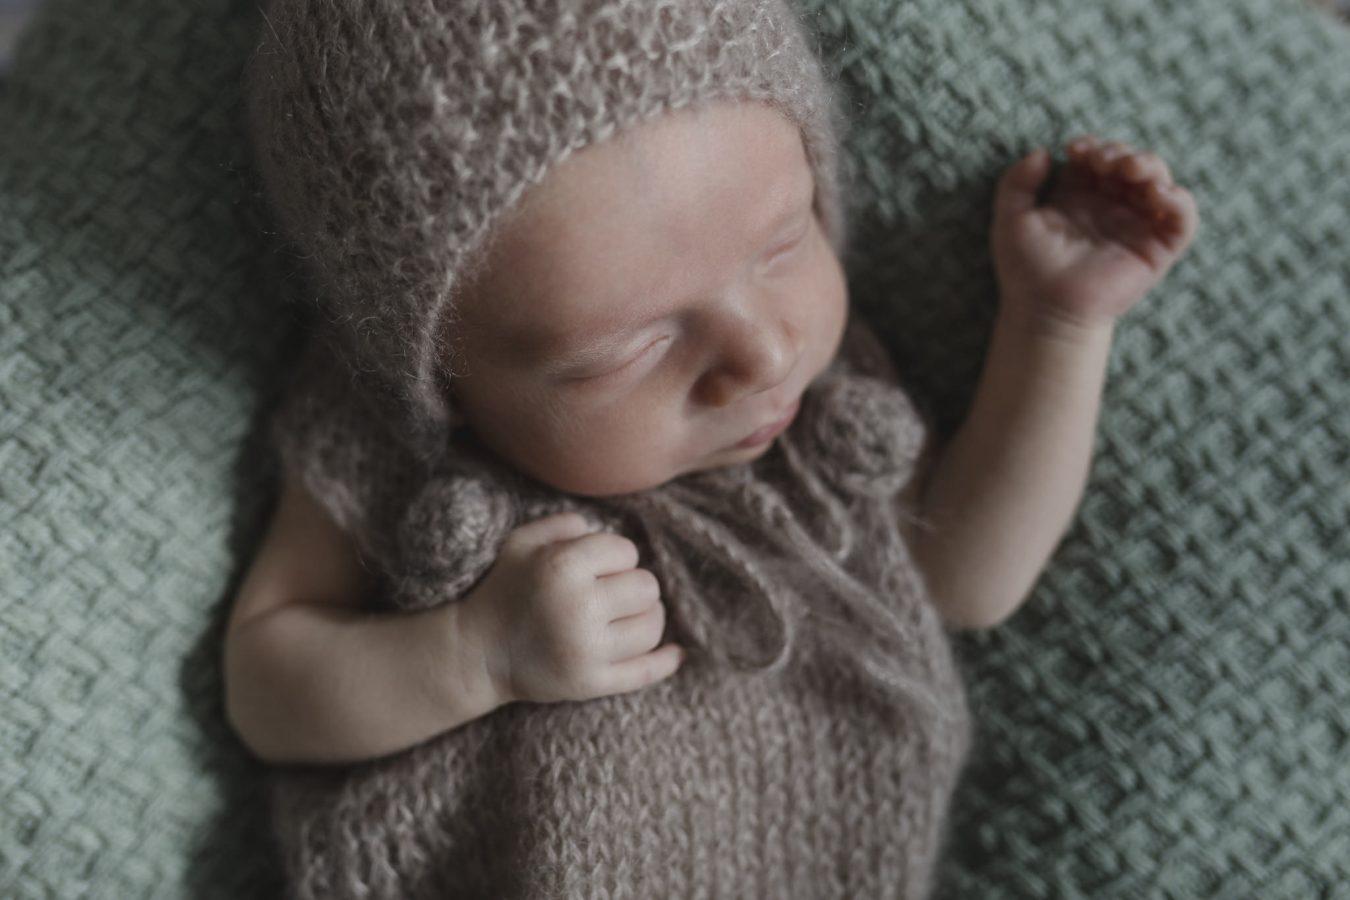 Babyfotograf Hamburg - Baby trägt braunen Strampler und schläft